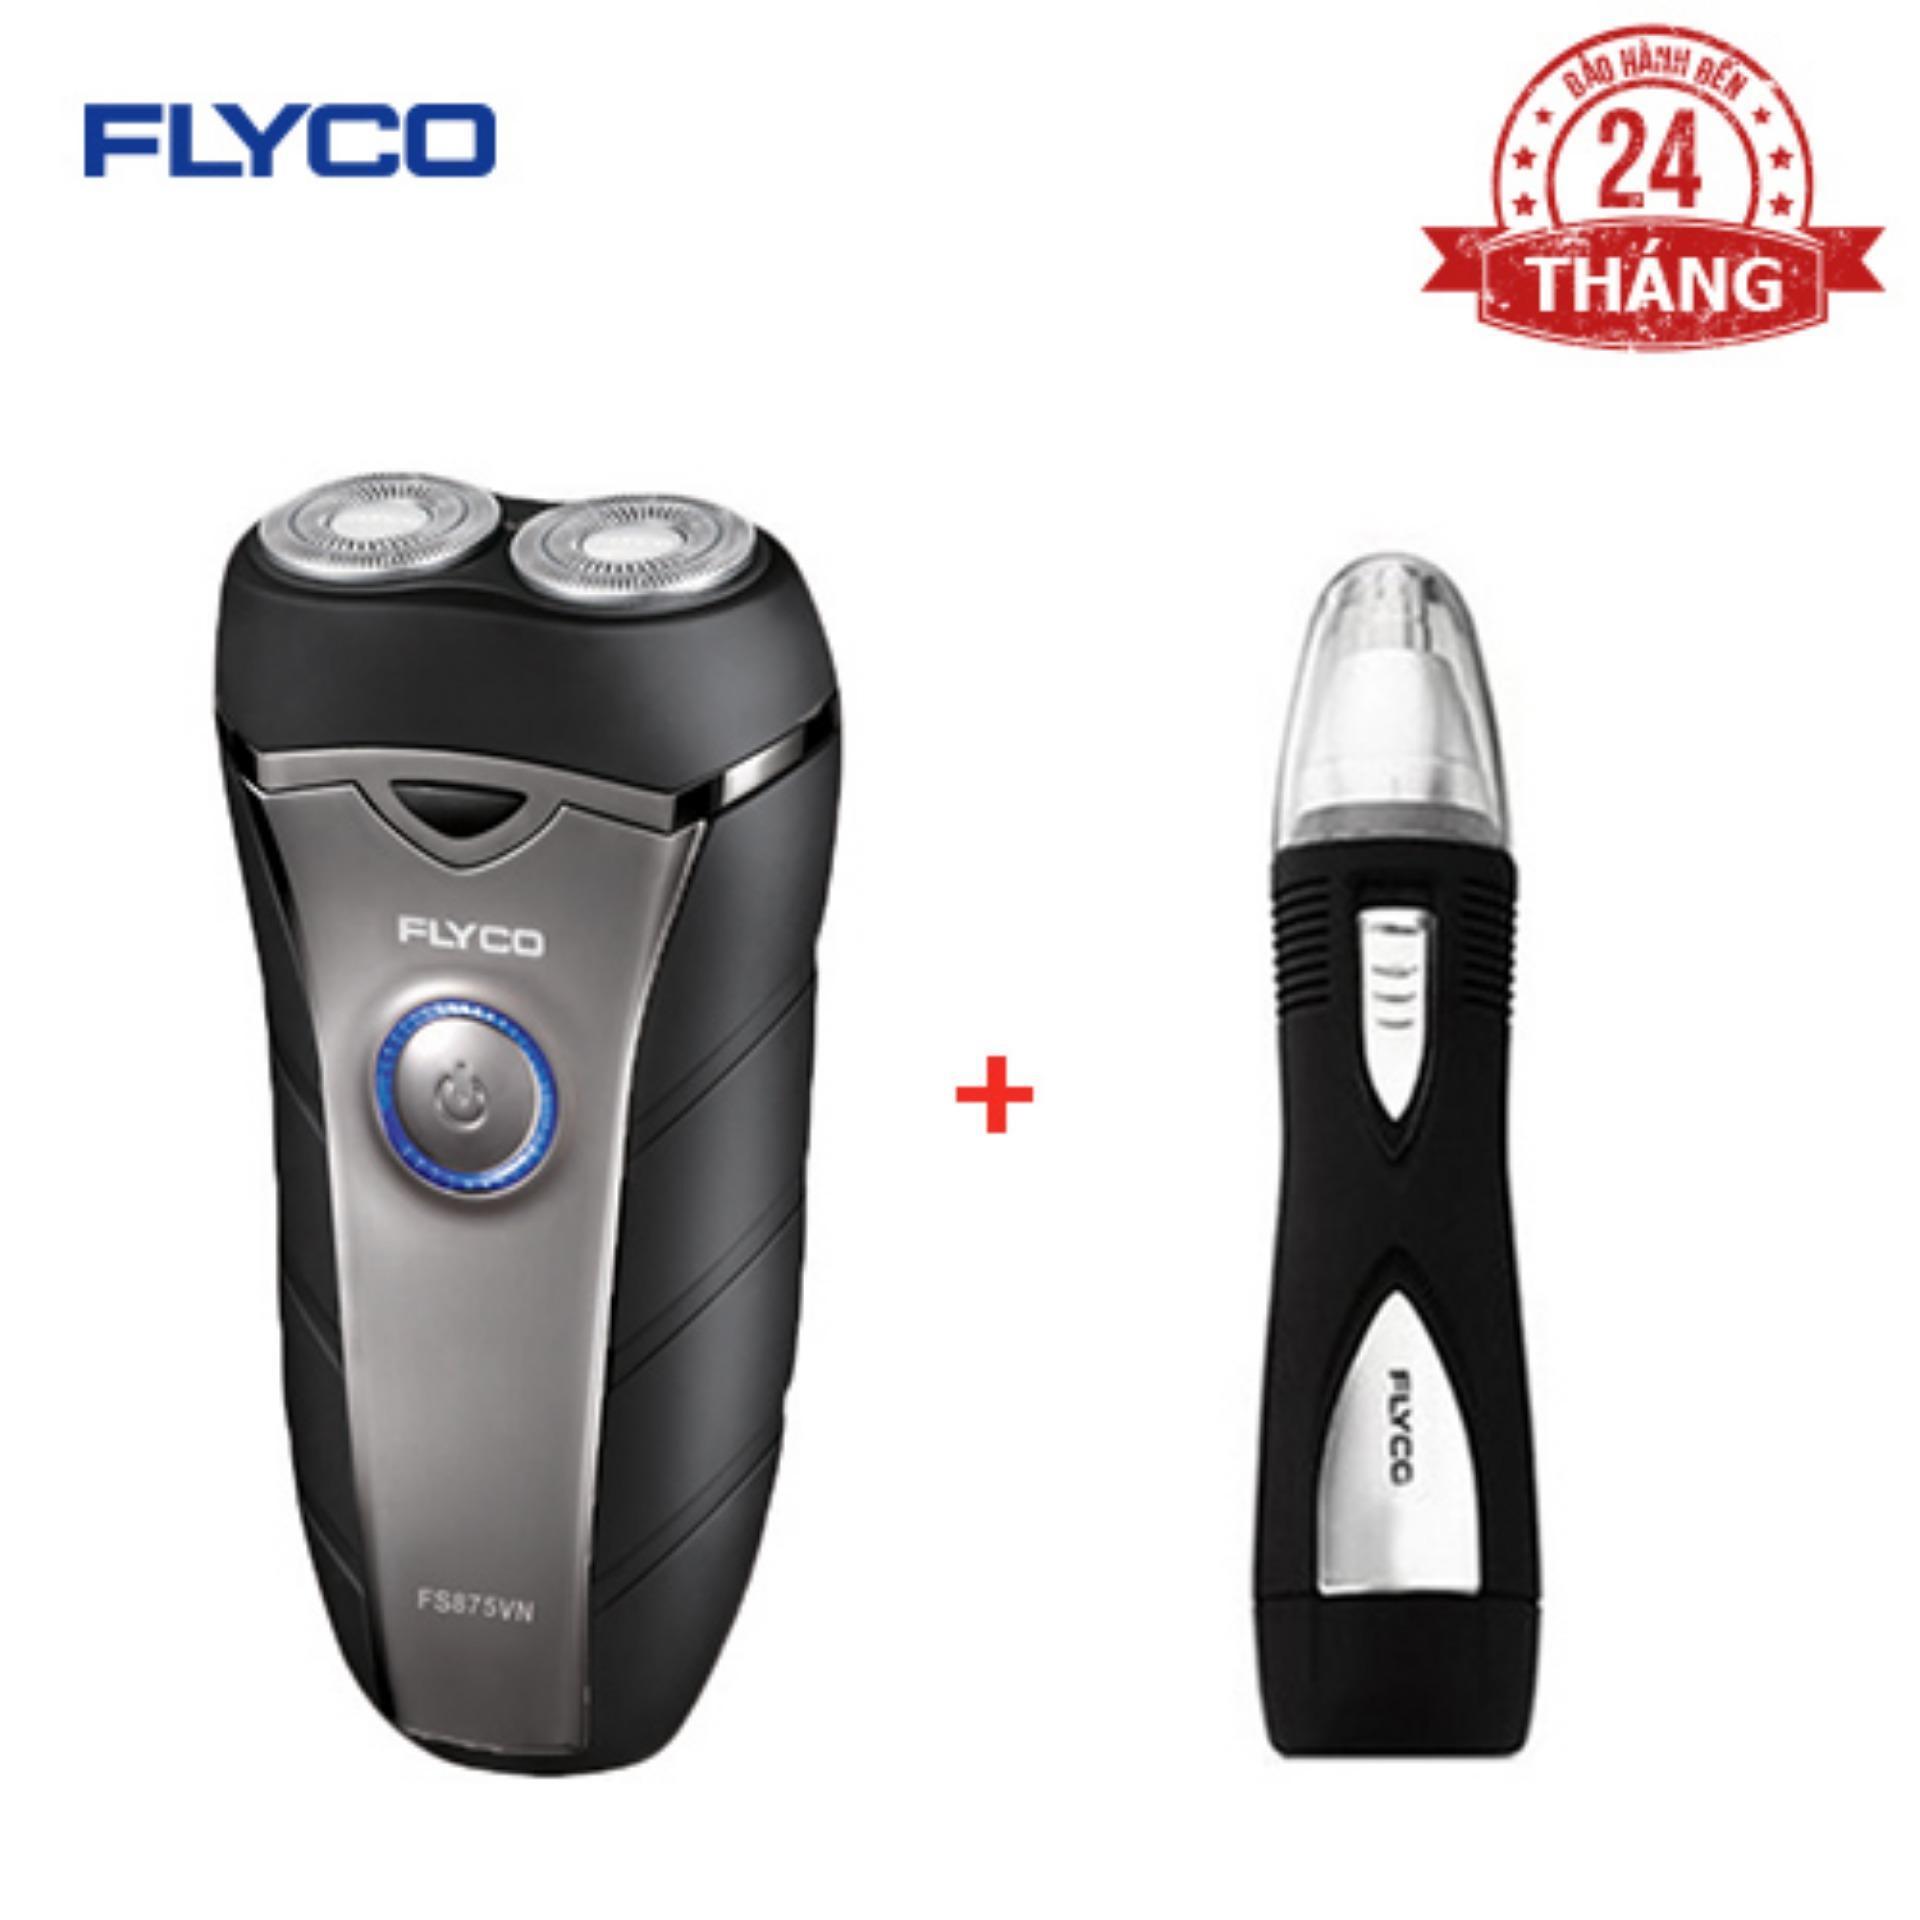 Bộ 1 máy cạo râu Flyco FS 875VN và 1 máy tỉa lông mũi FS7805VN